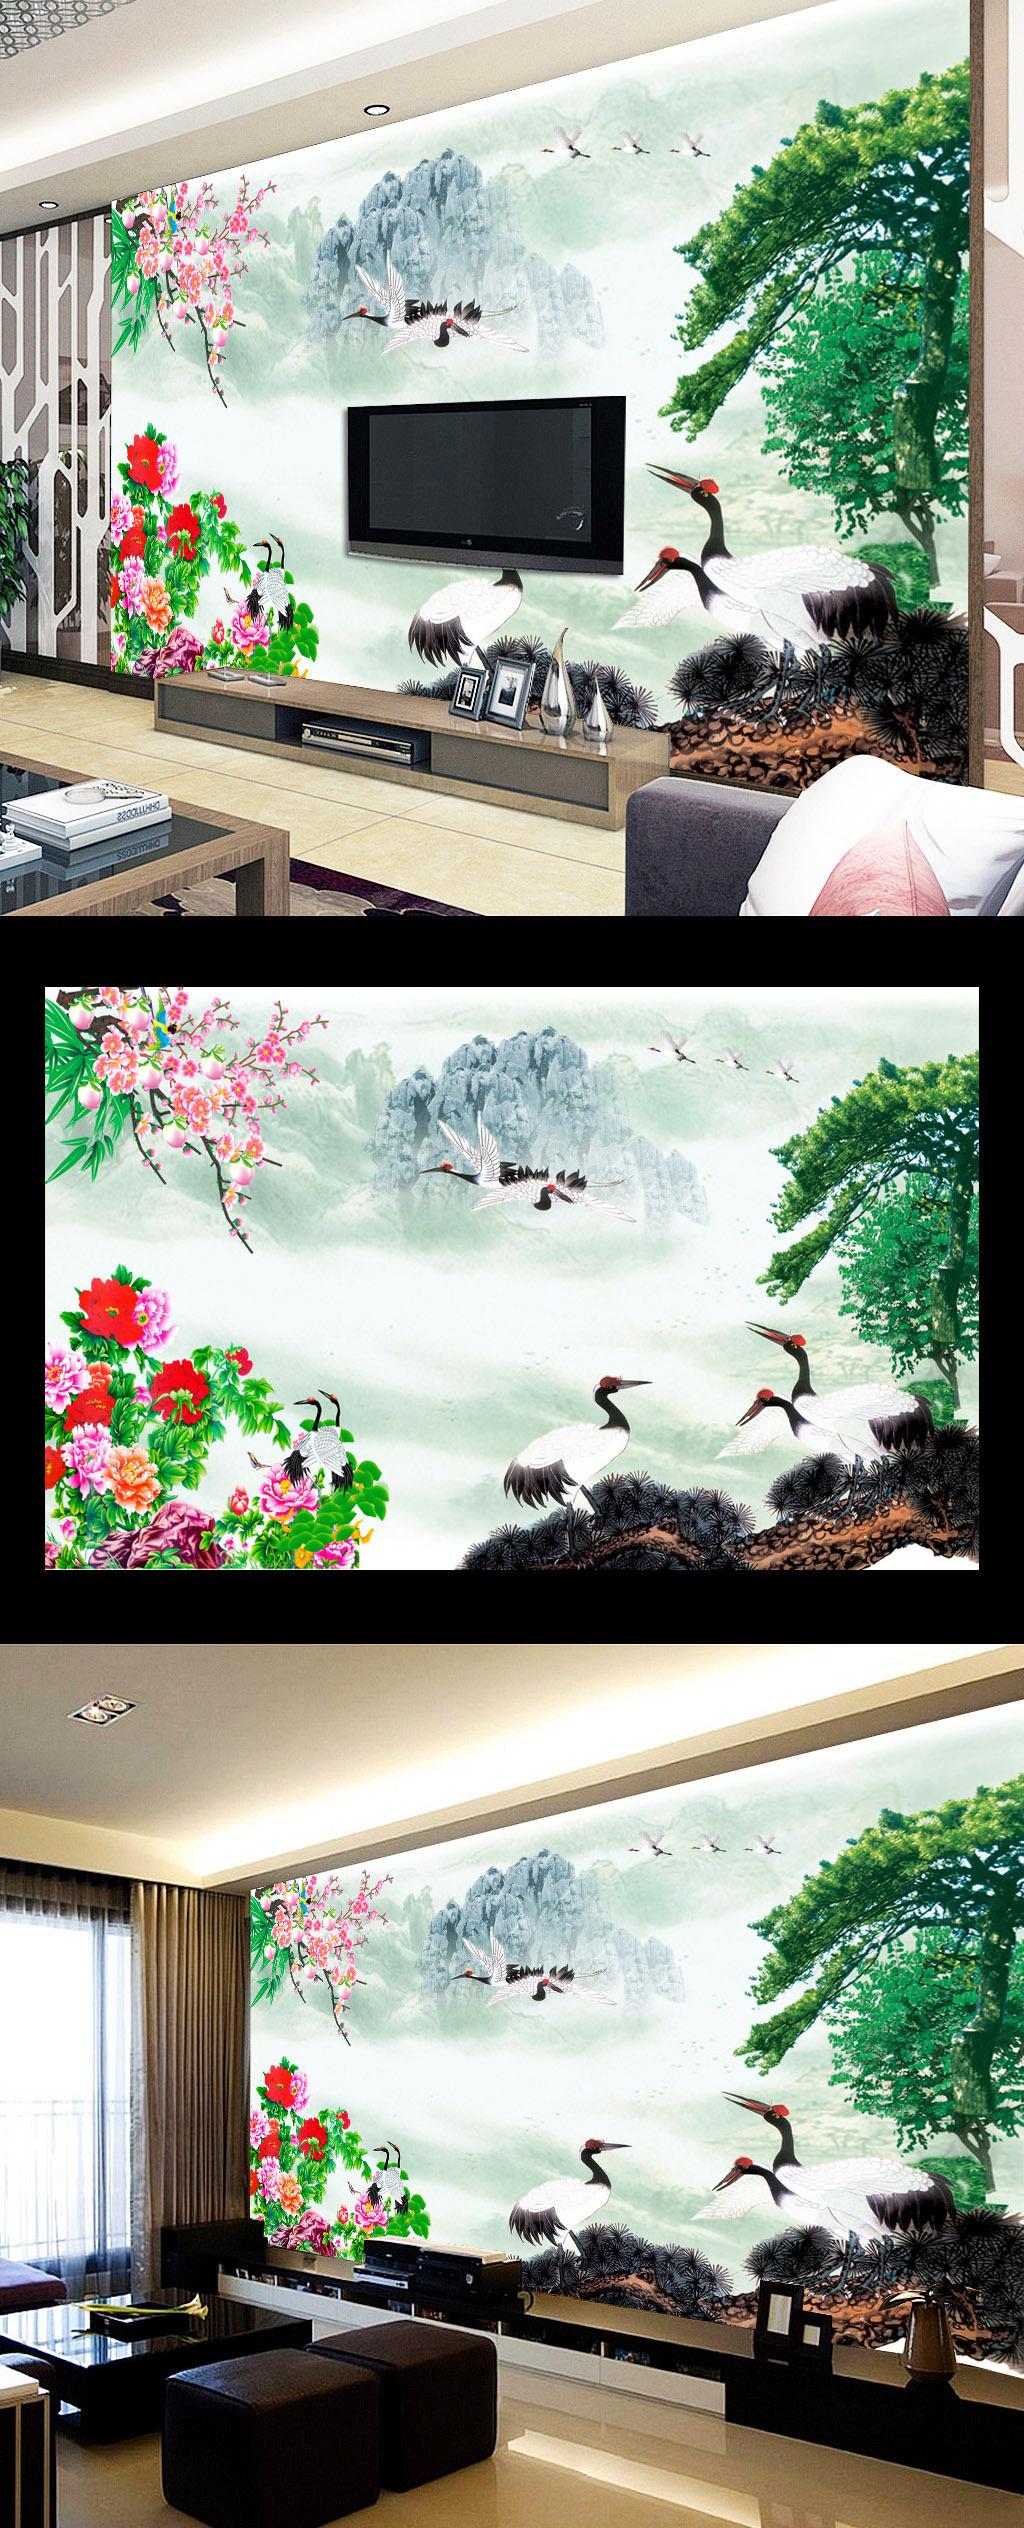 仙鹤传说水墨中国风立体风景国画壁画装饰画